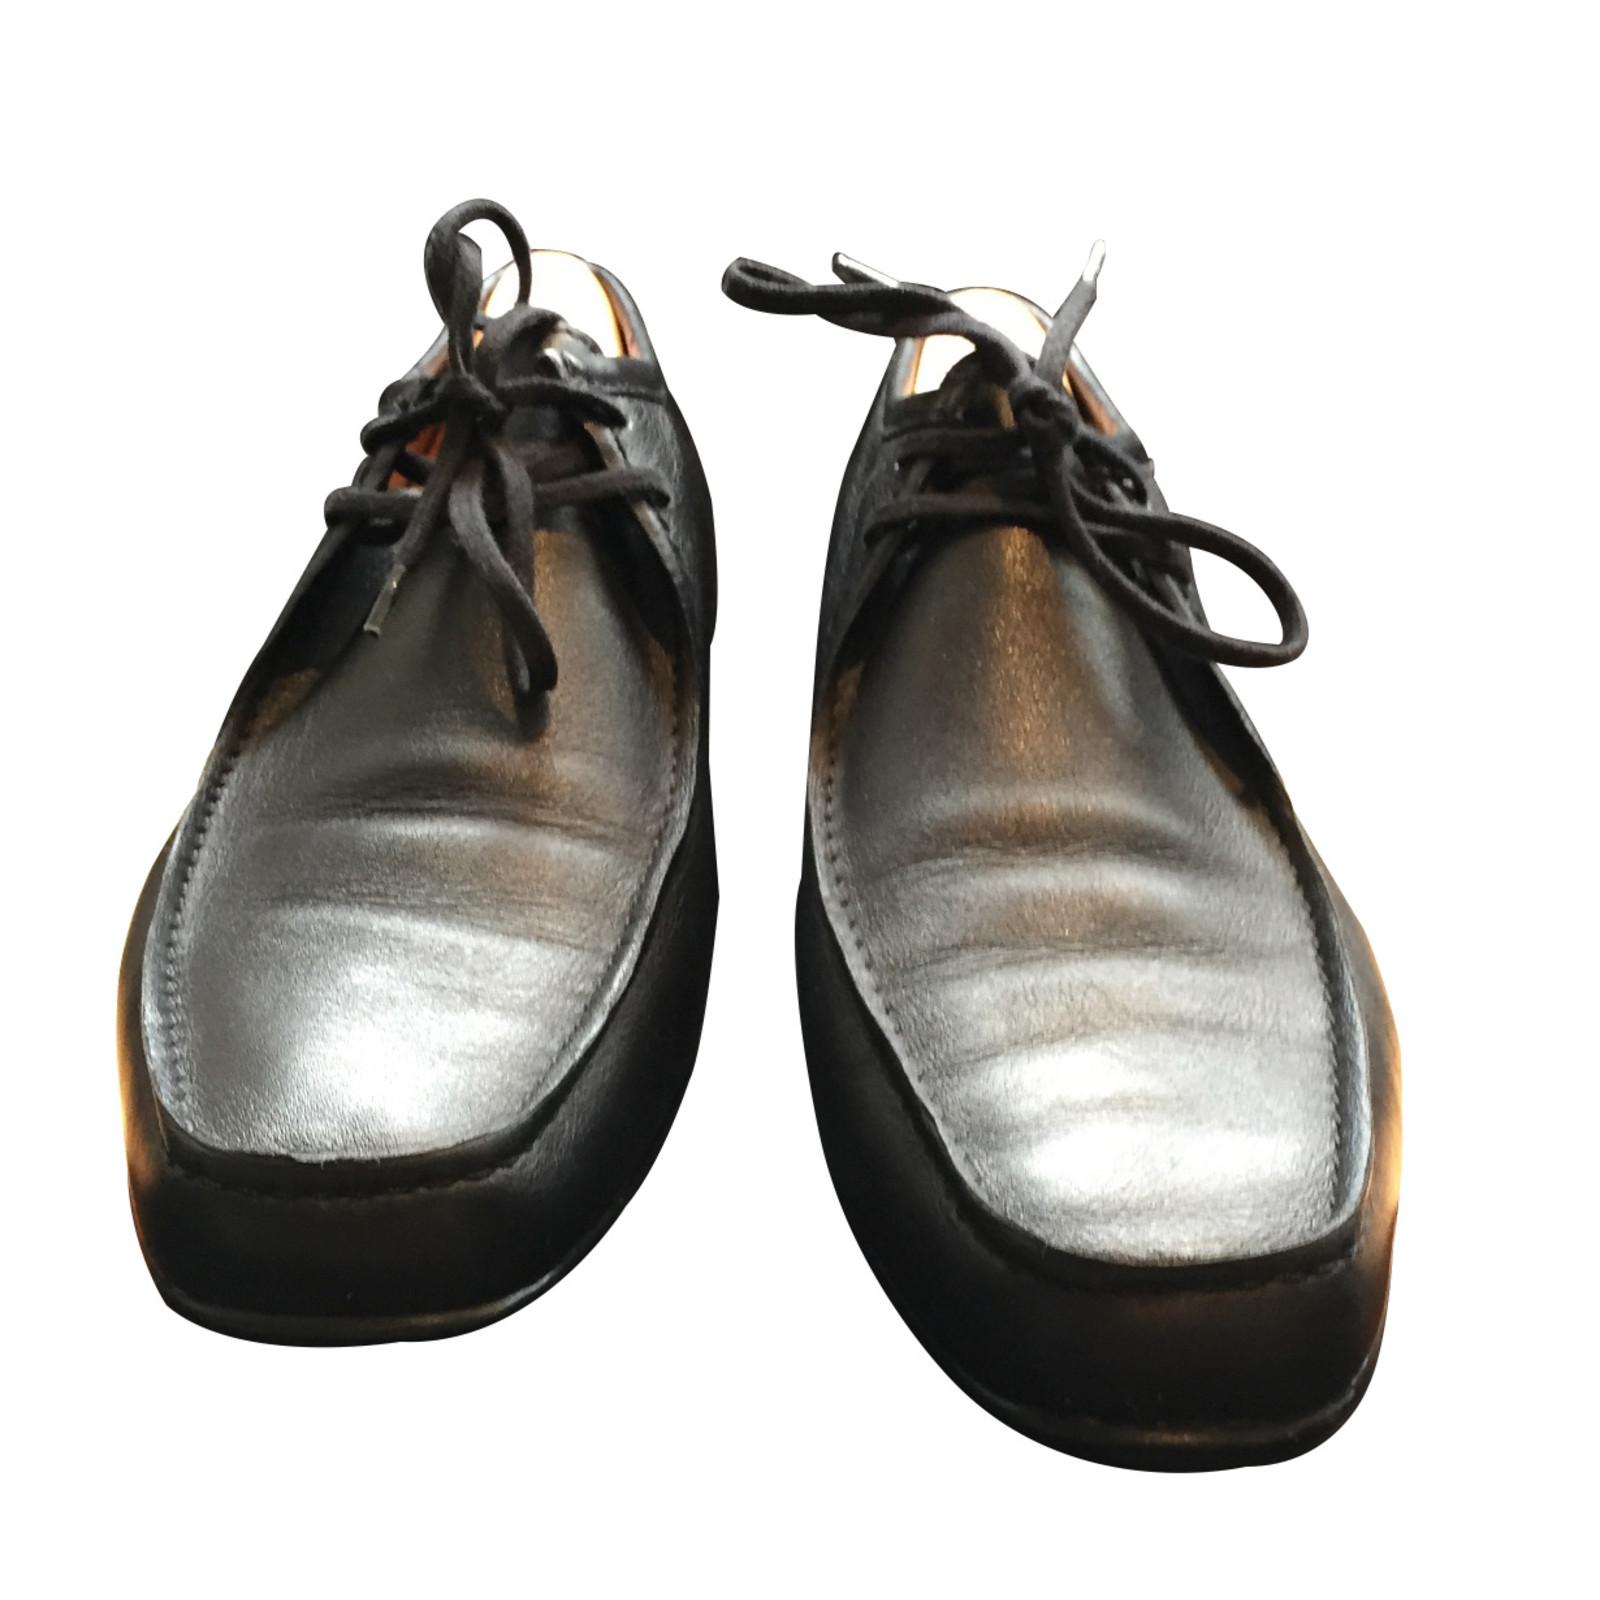 weston chaussures on vous donne un max d 39 infos dans cet. Black Bedroom Furniture Sets. Home Design Ideas